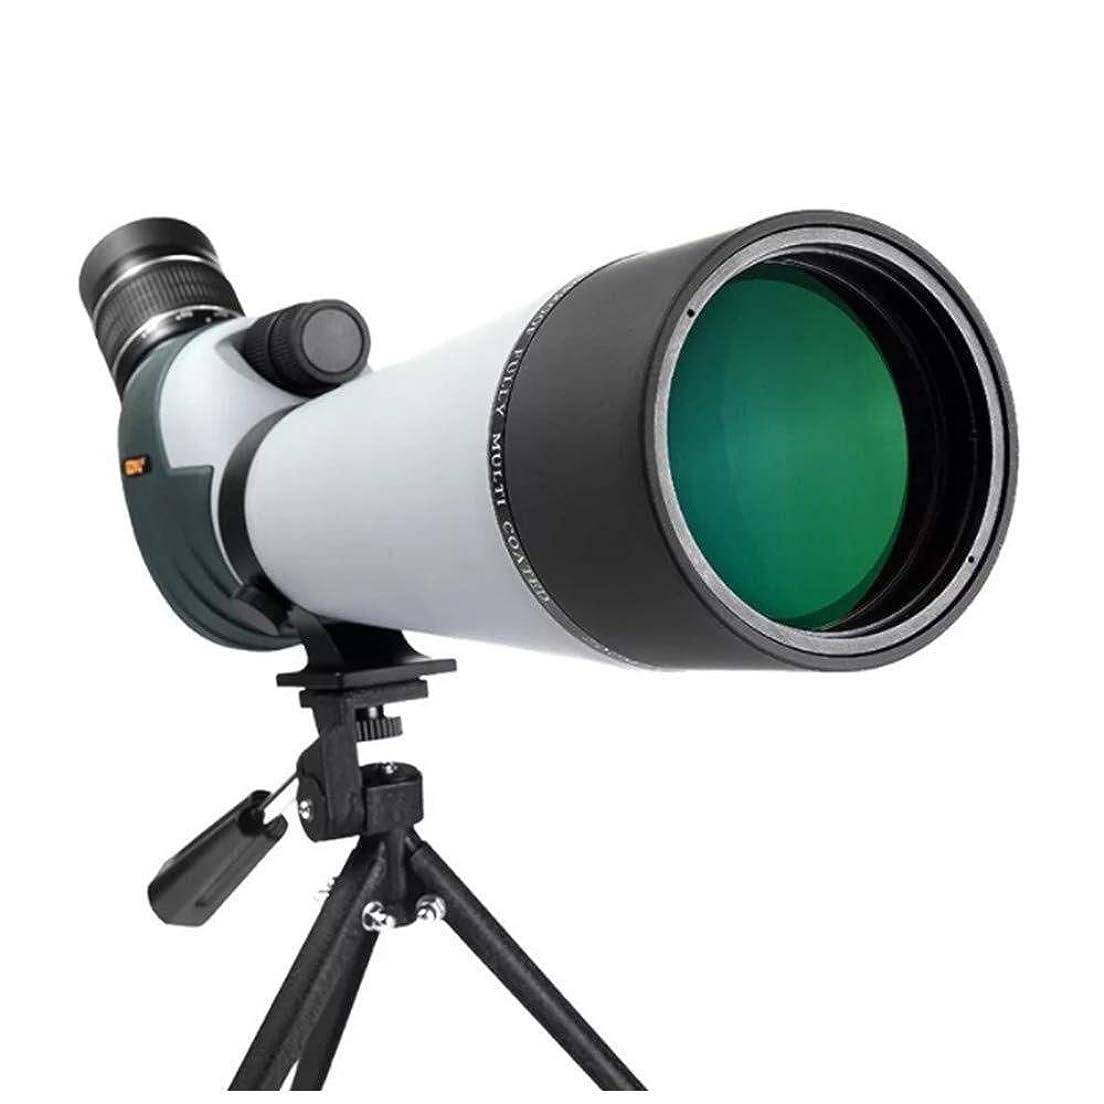 世代情報行ZGQA-GQA 望遠鏡、80MM天文屈折HDコーティングされた光学レンズ、防水2スピード初心者のアウトドア旅行のストレージのためのポータブル三脚をフォーカス 望遠鏡